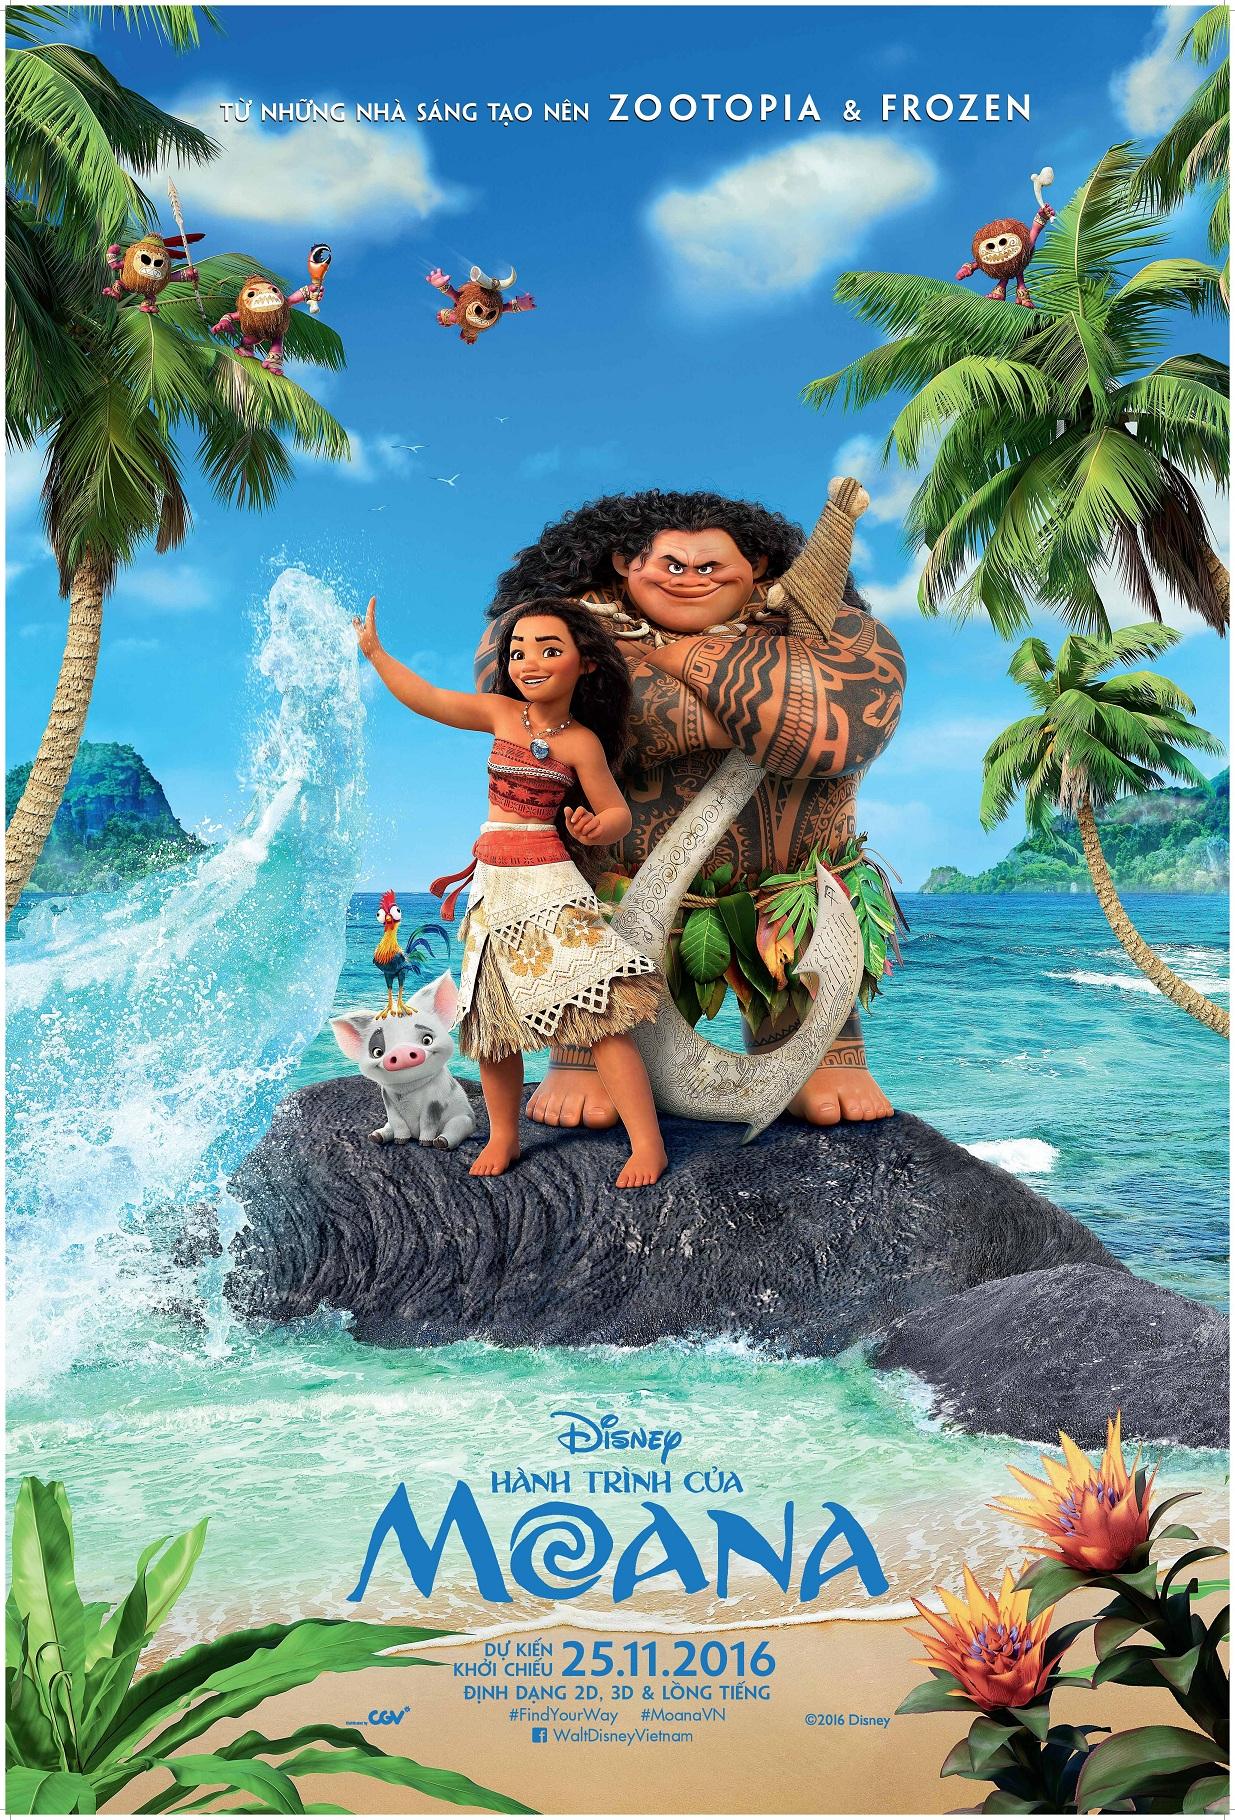 Phim hoạt hình Moana: Thêm một tuyệt tác từ Disney